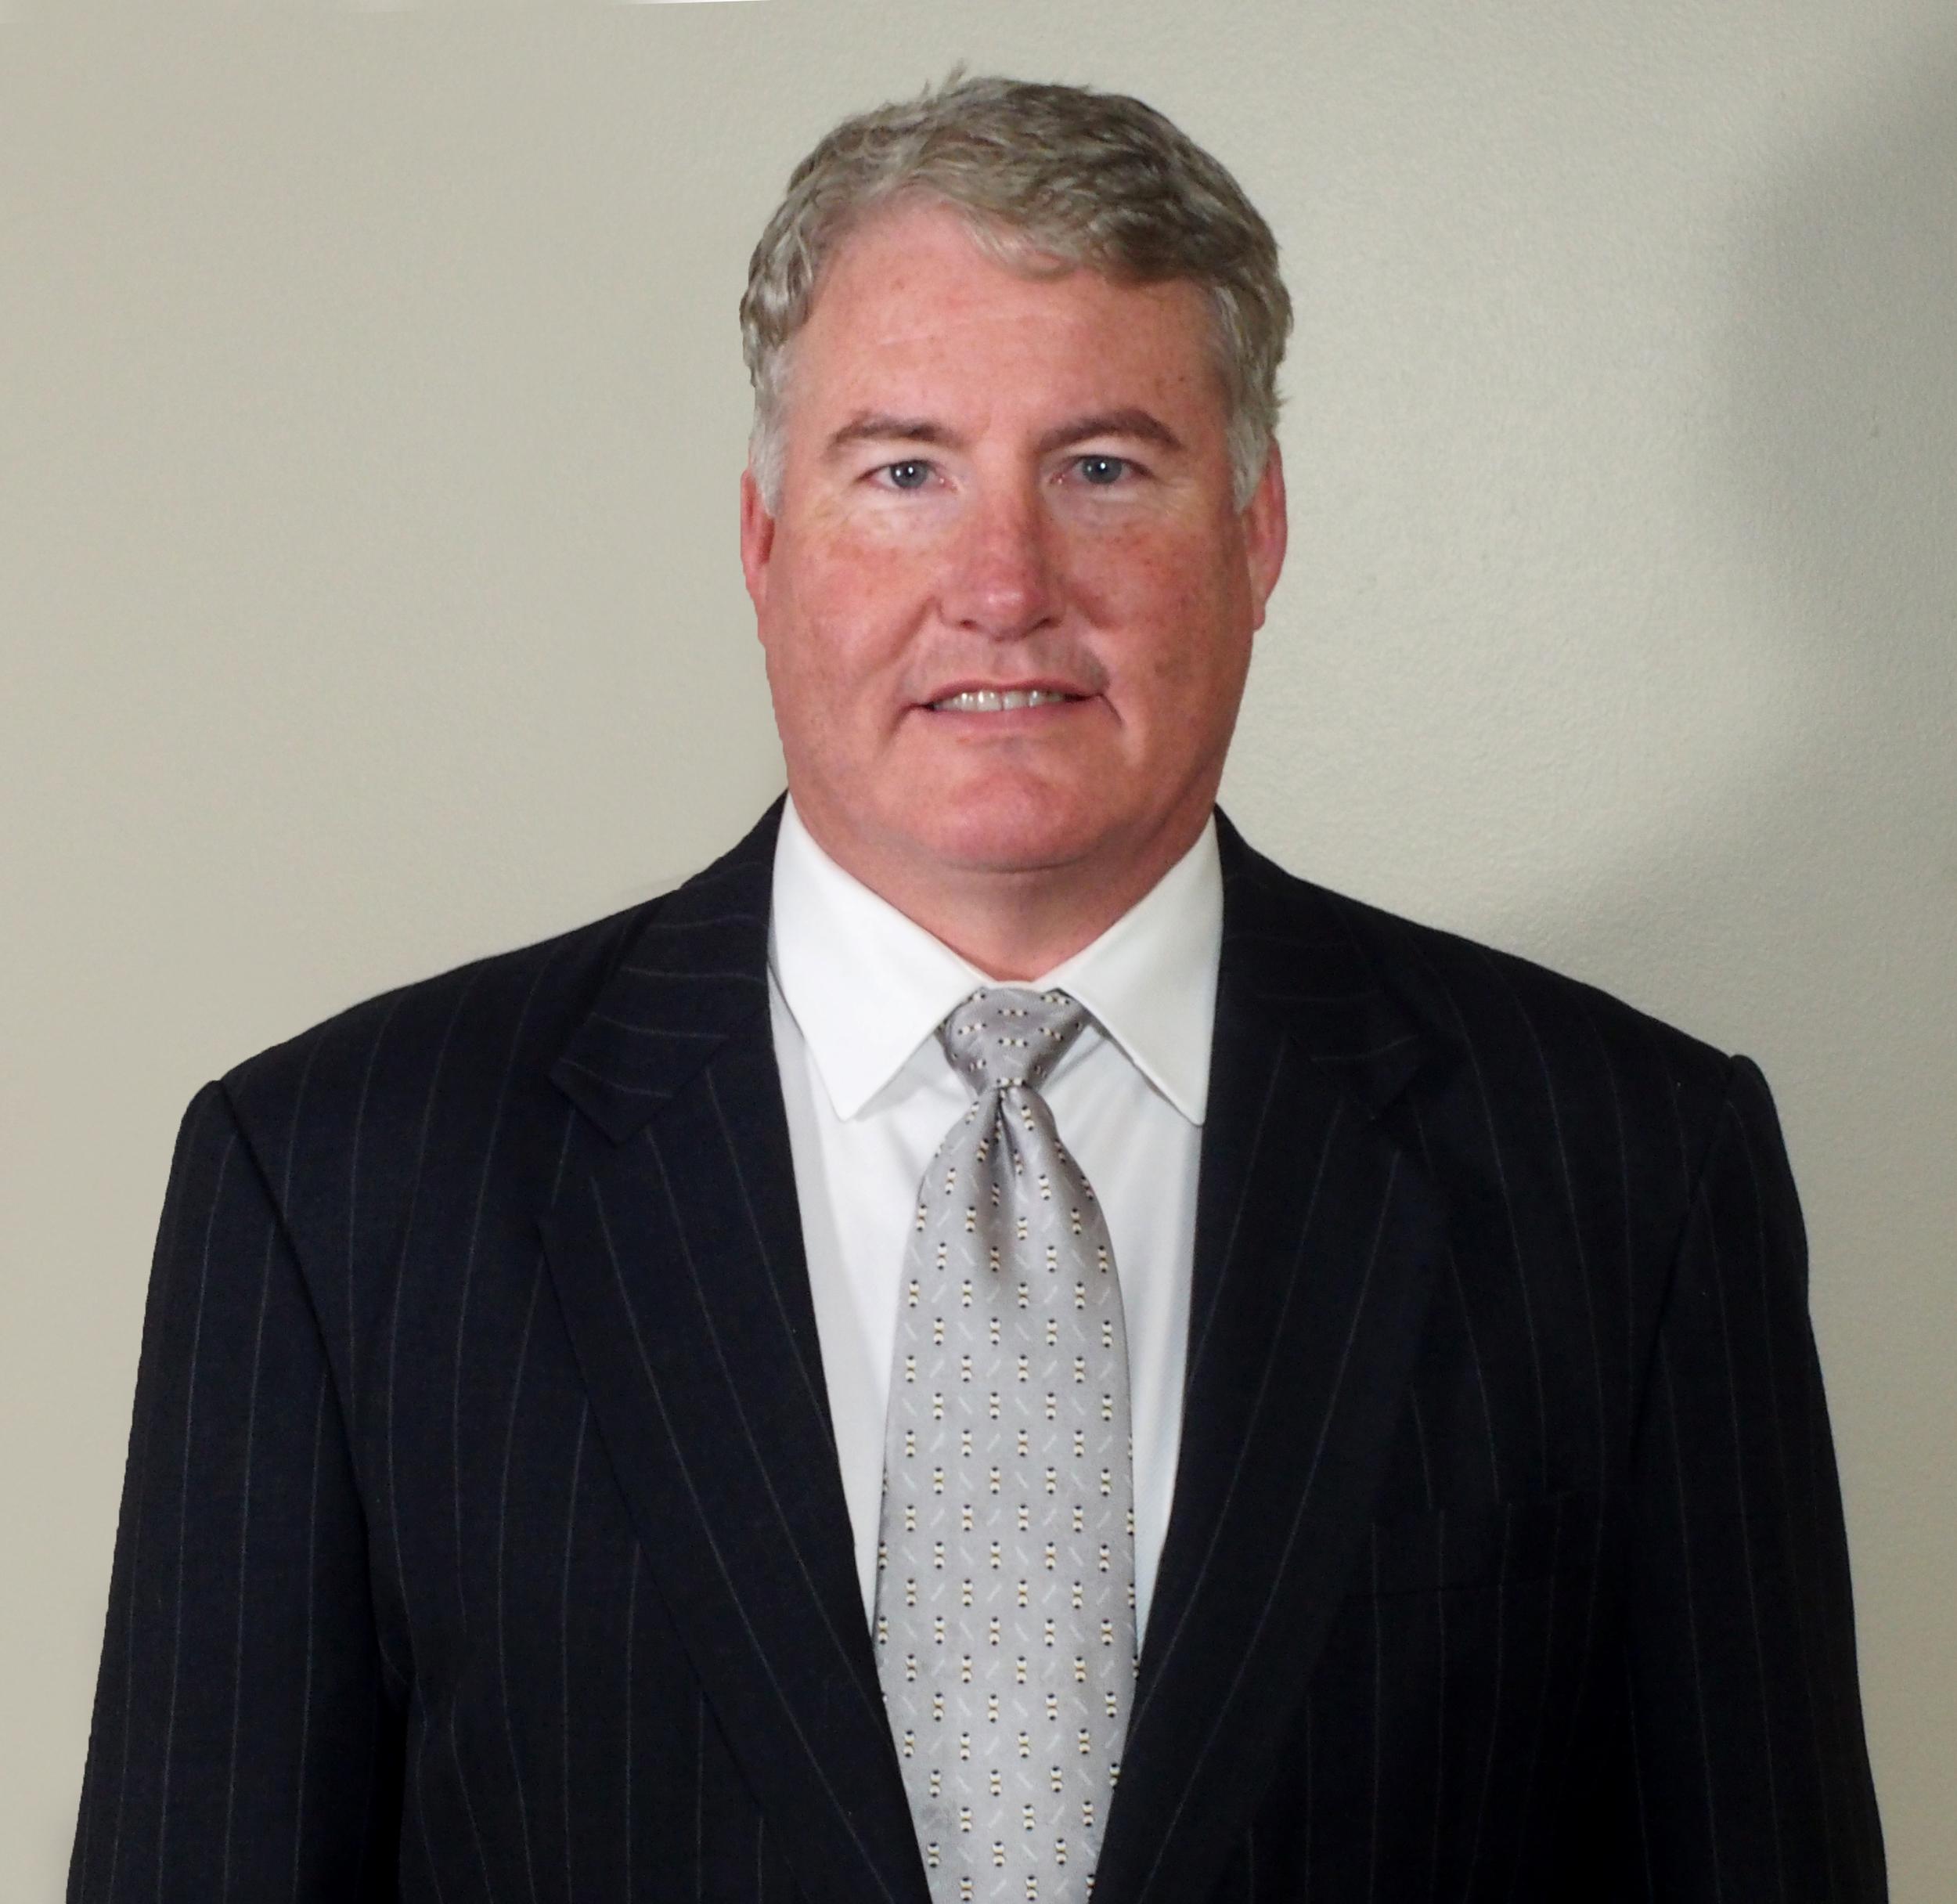 John Varner - Territory Manager / Principal